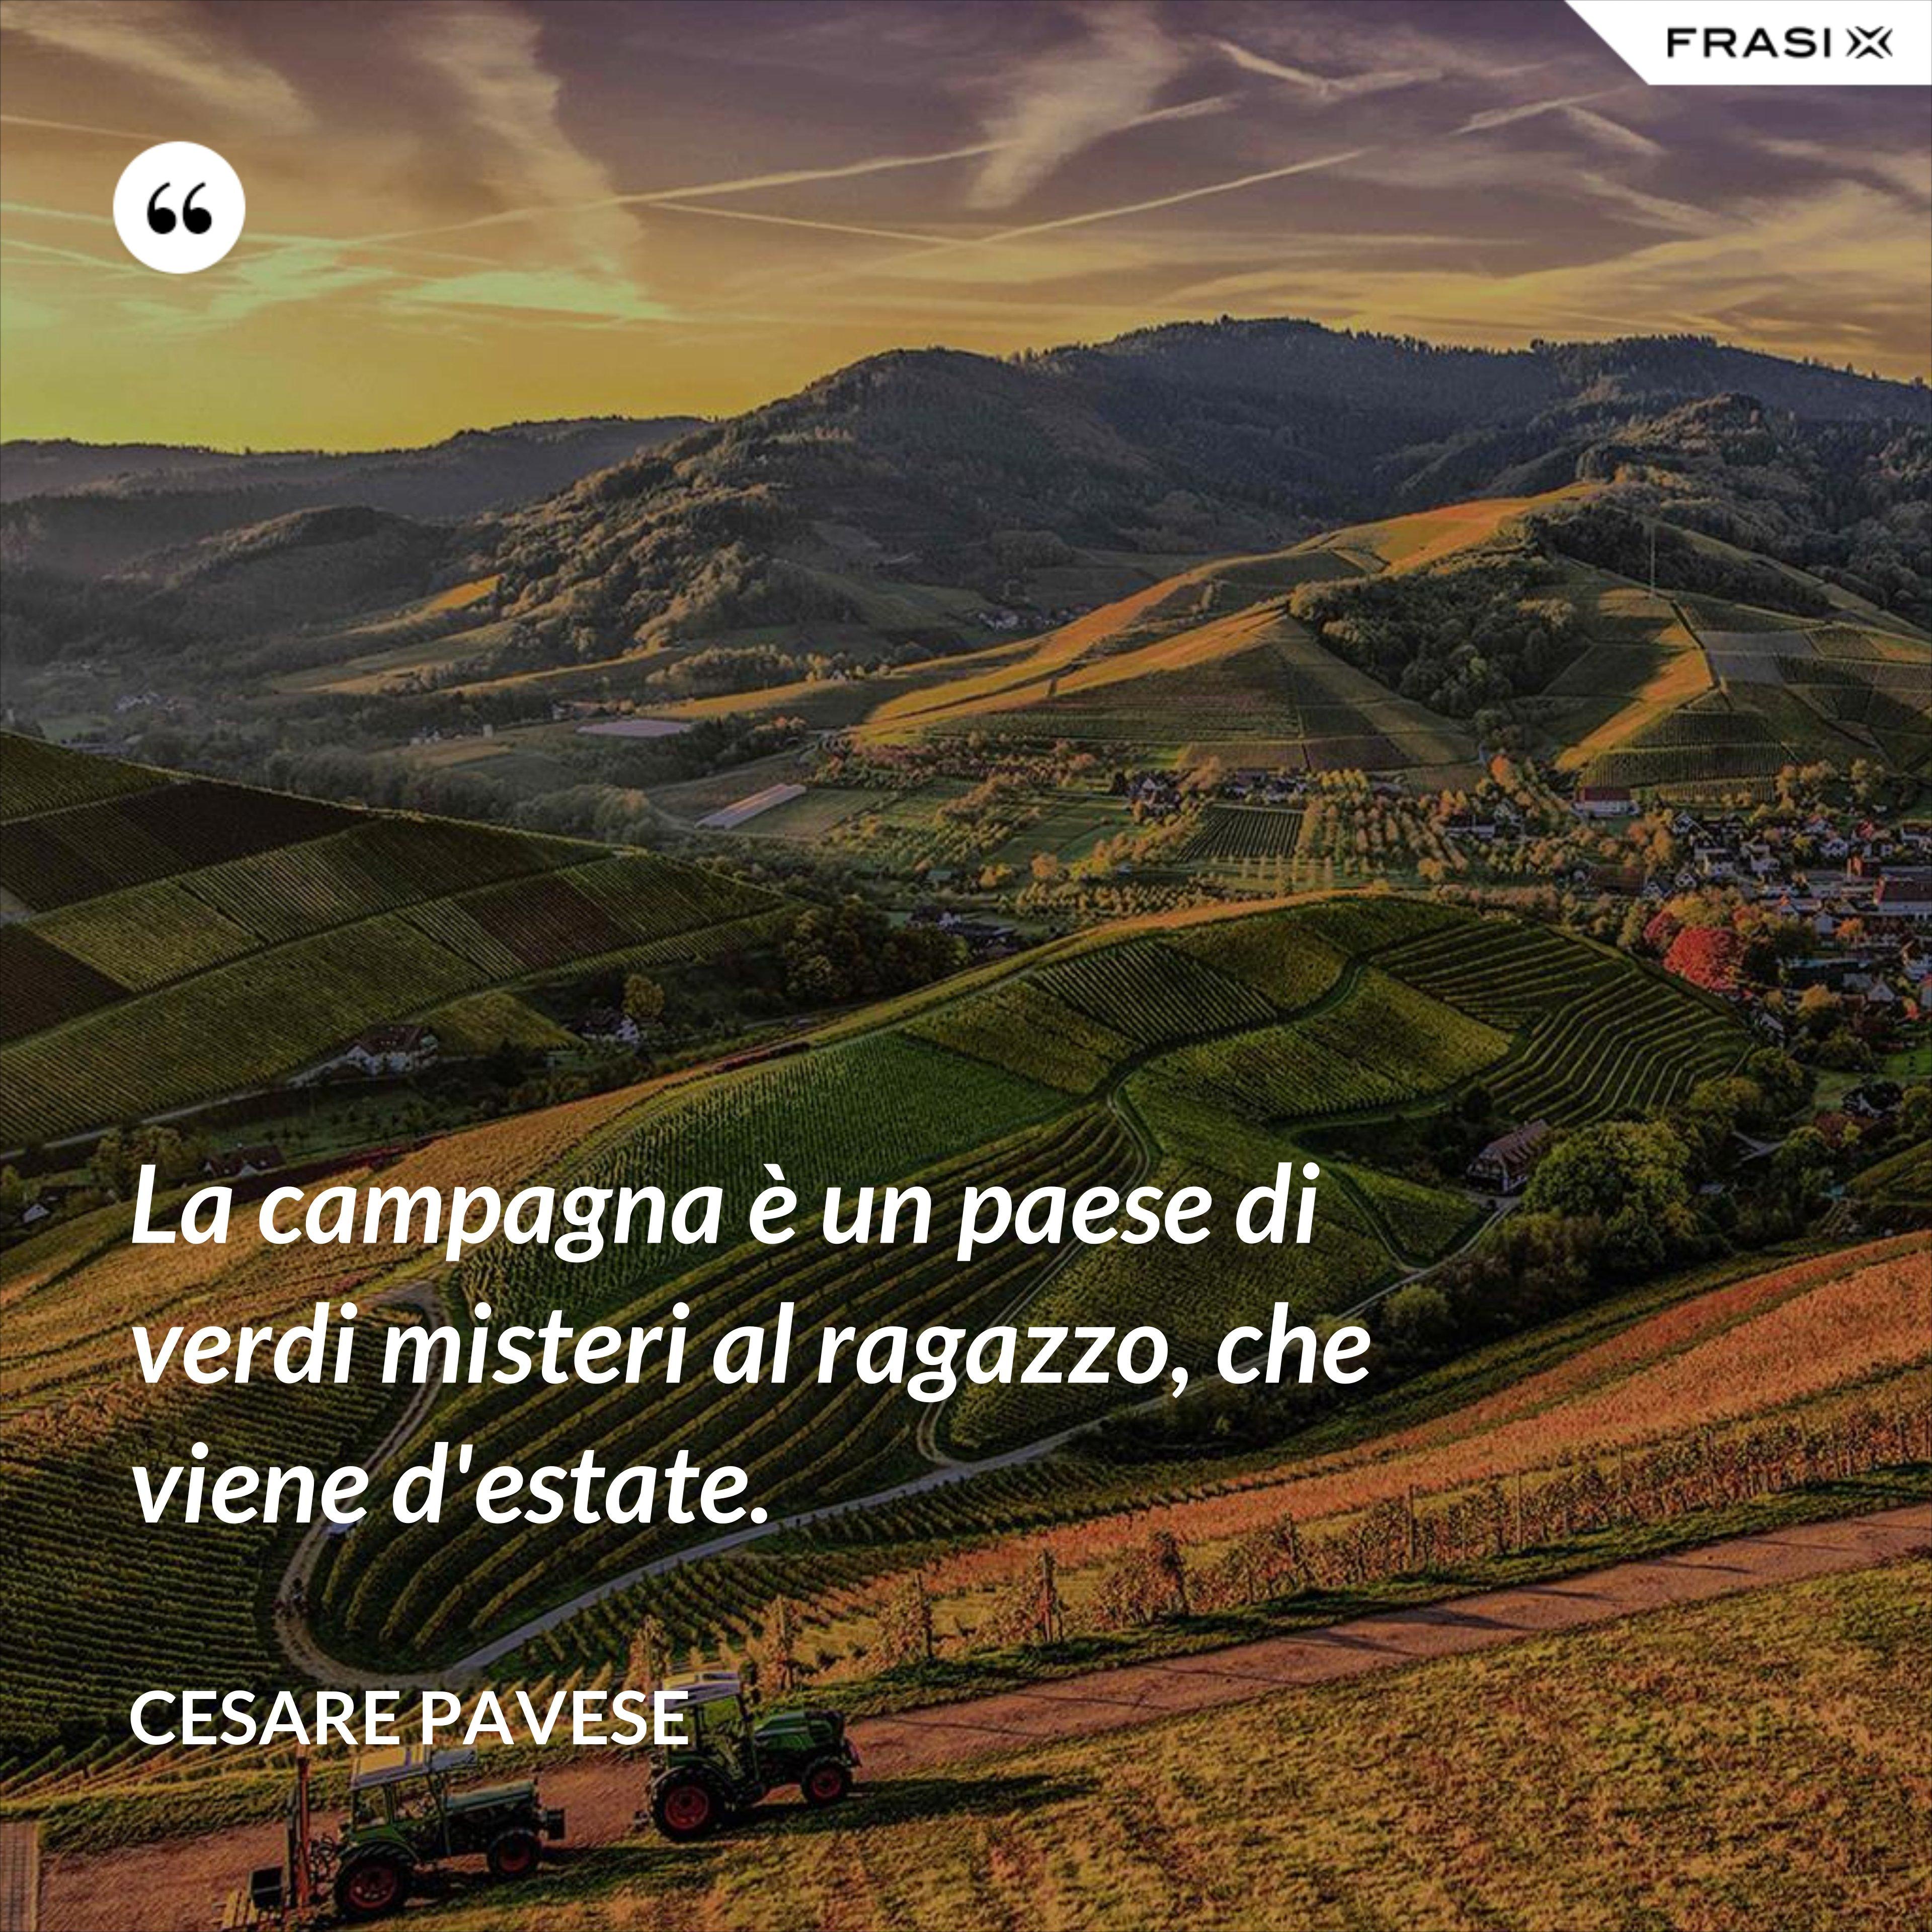 La campagna è un paese di verdi misteri al ragazzo, che viene d'estate. - Cesare Pavese